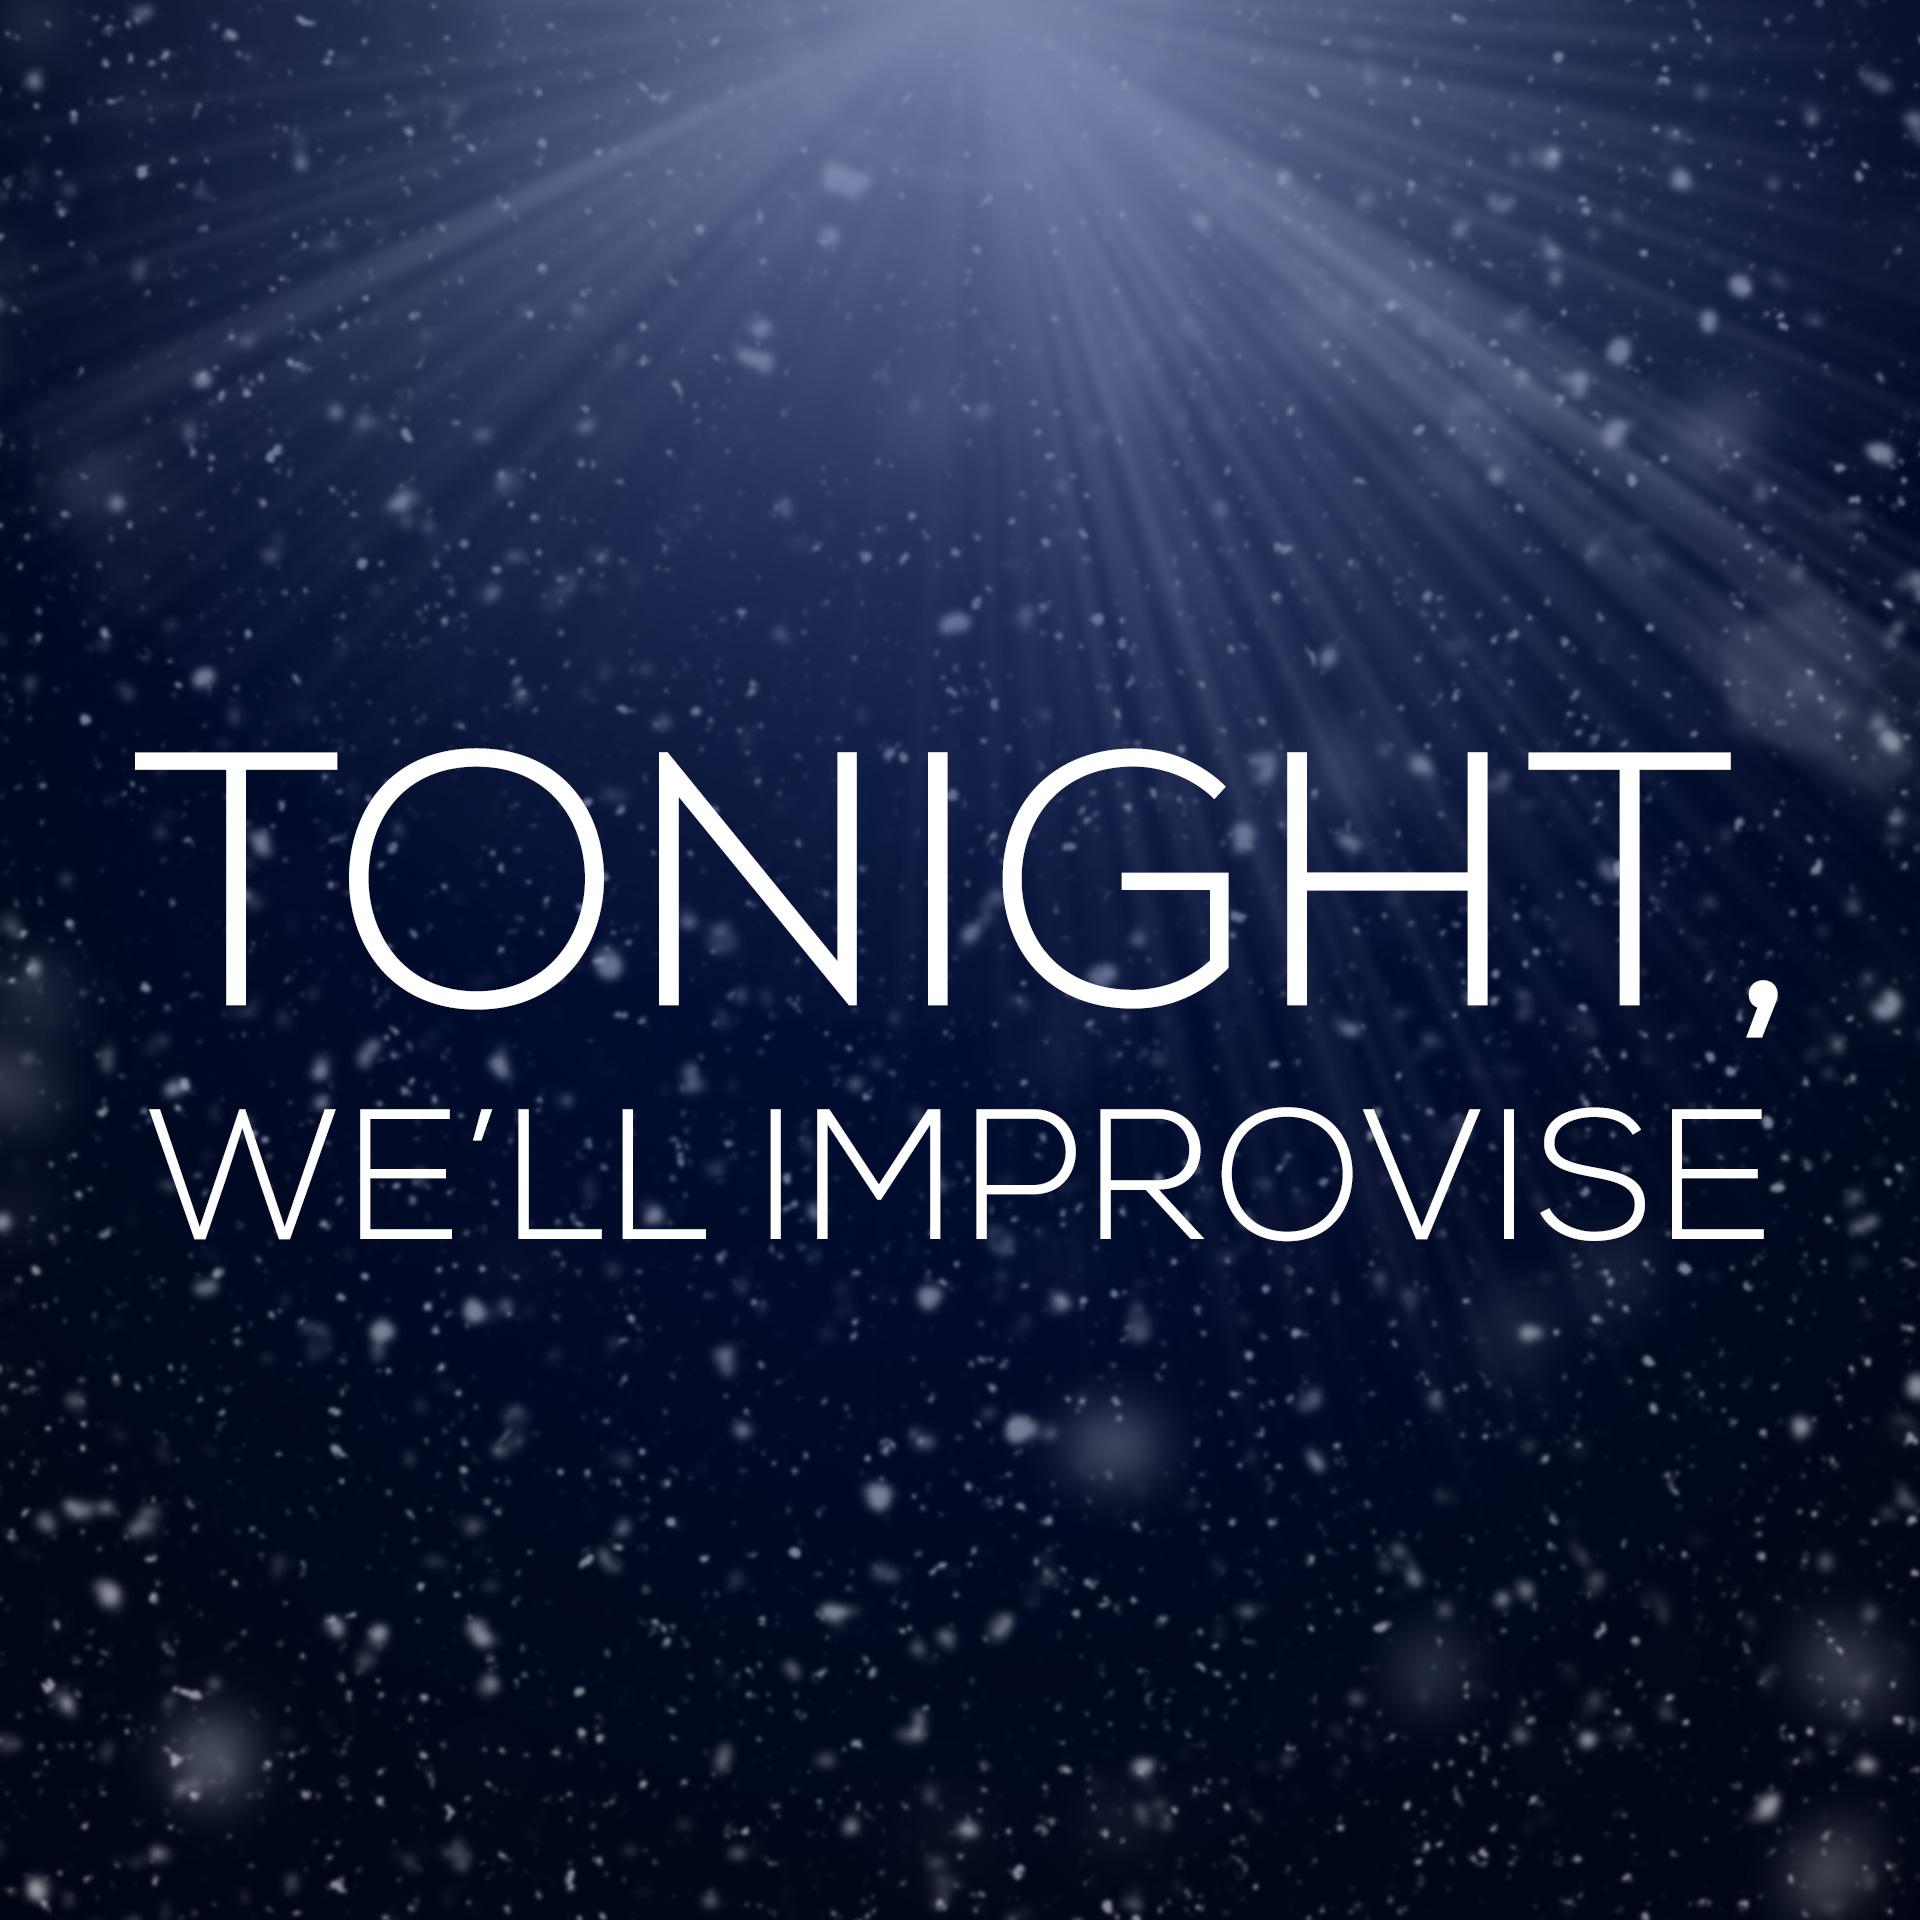 Tonight, We'll Improvise